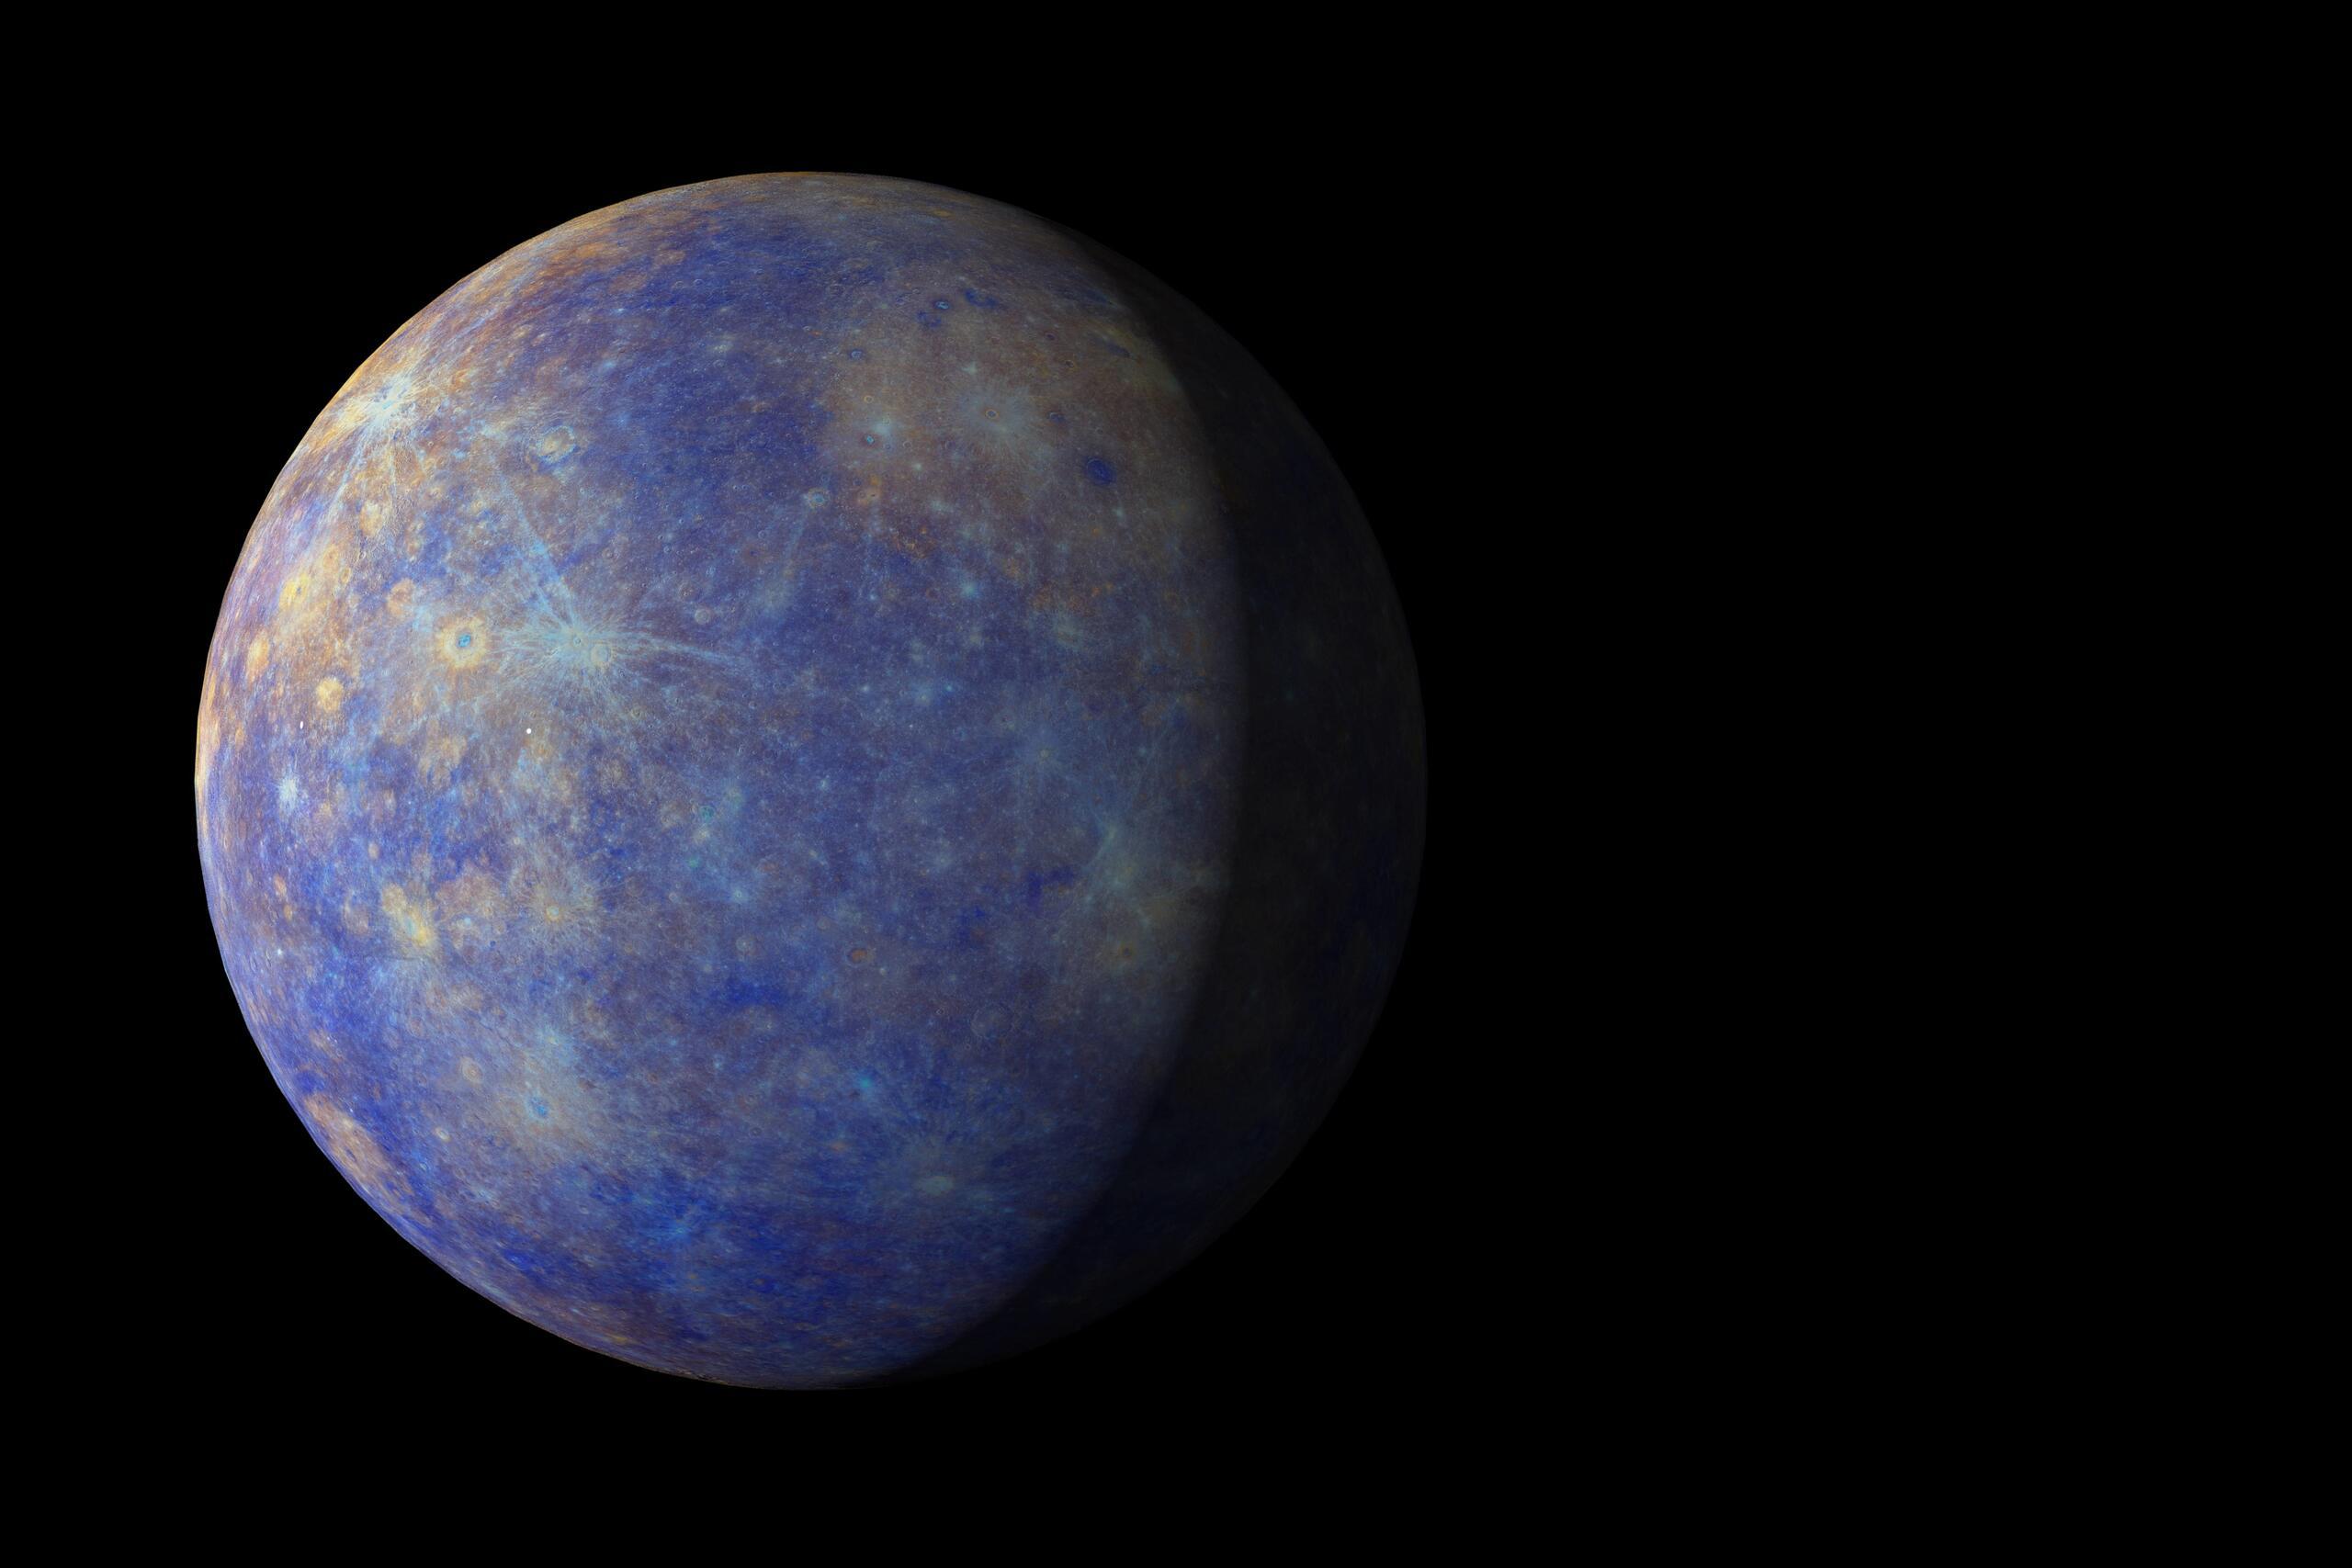 Merkur Der Planet